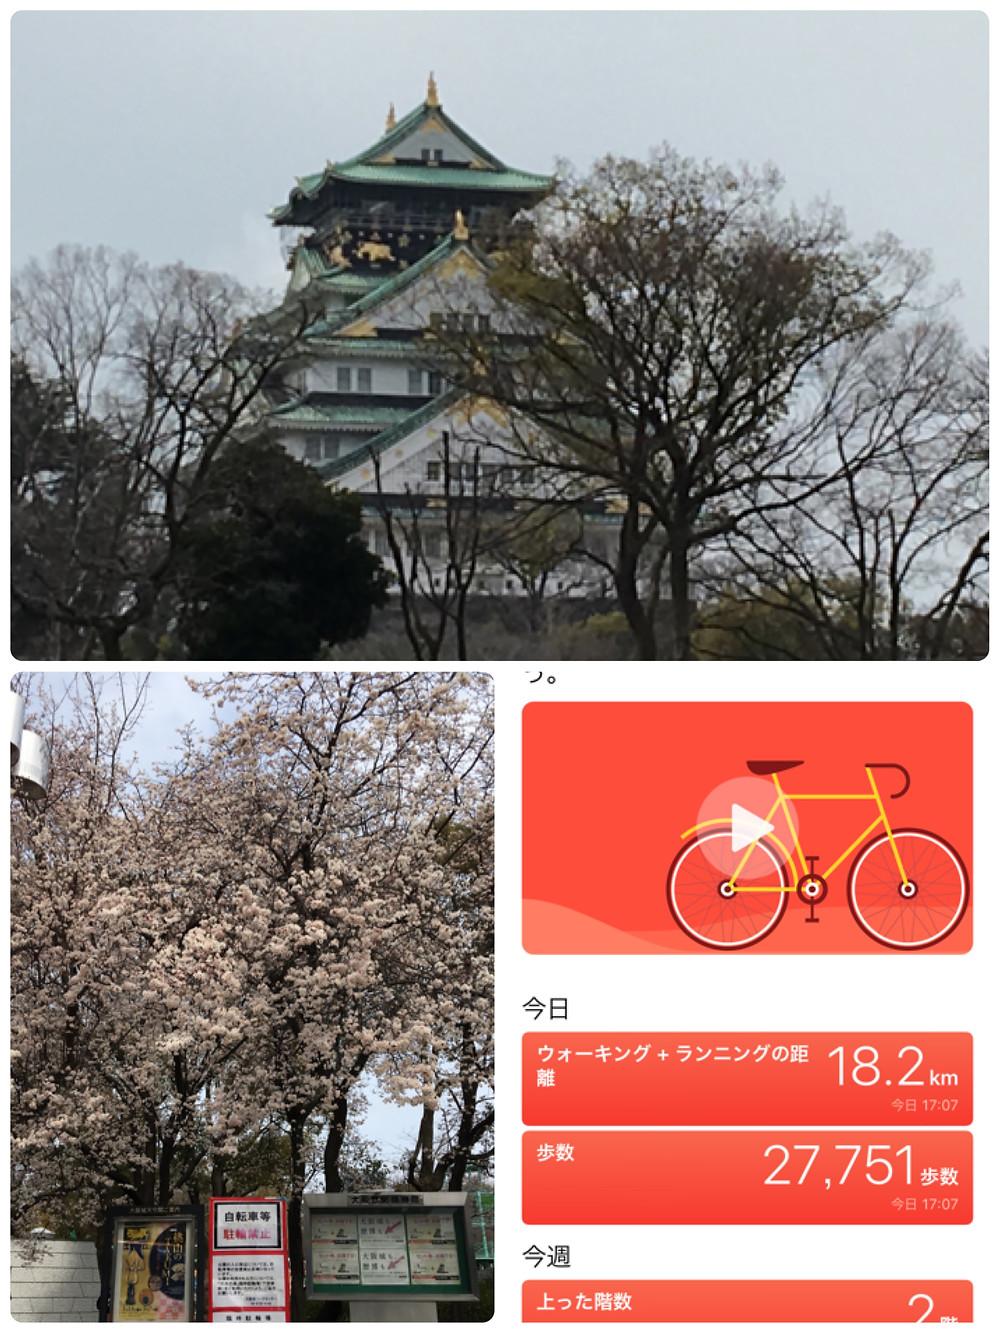 大阪城公園へウォーキング